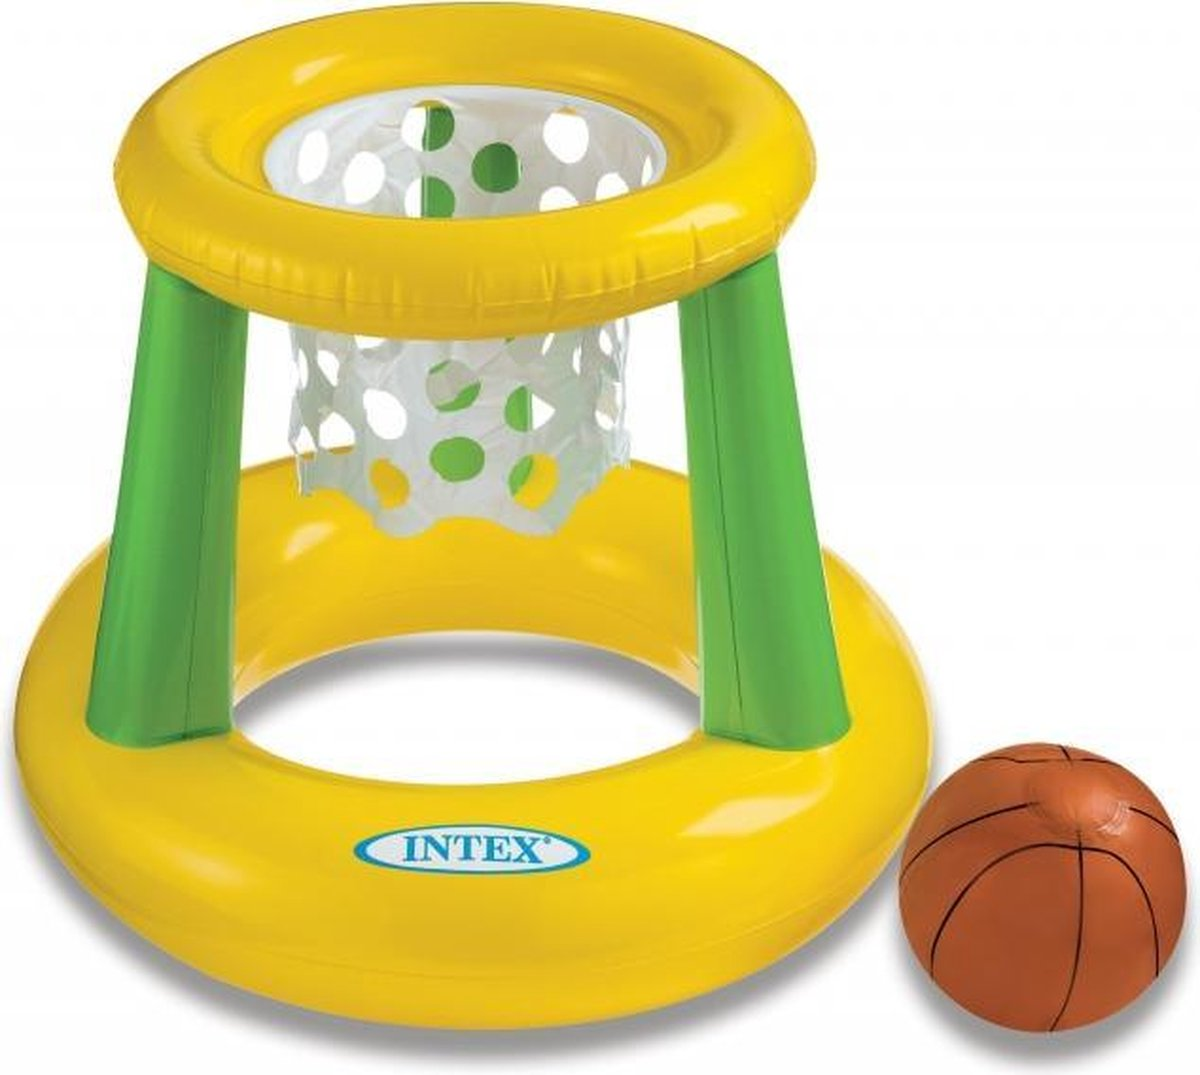 Intex drijvende basket opblaasbaar met bal 67 x 55 cm